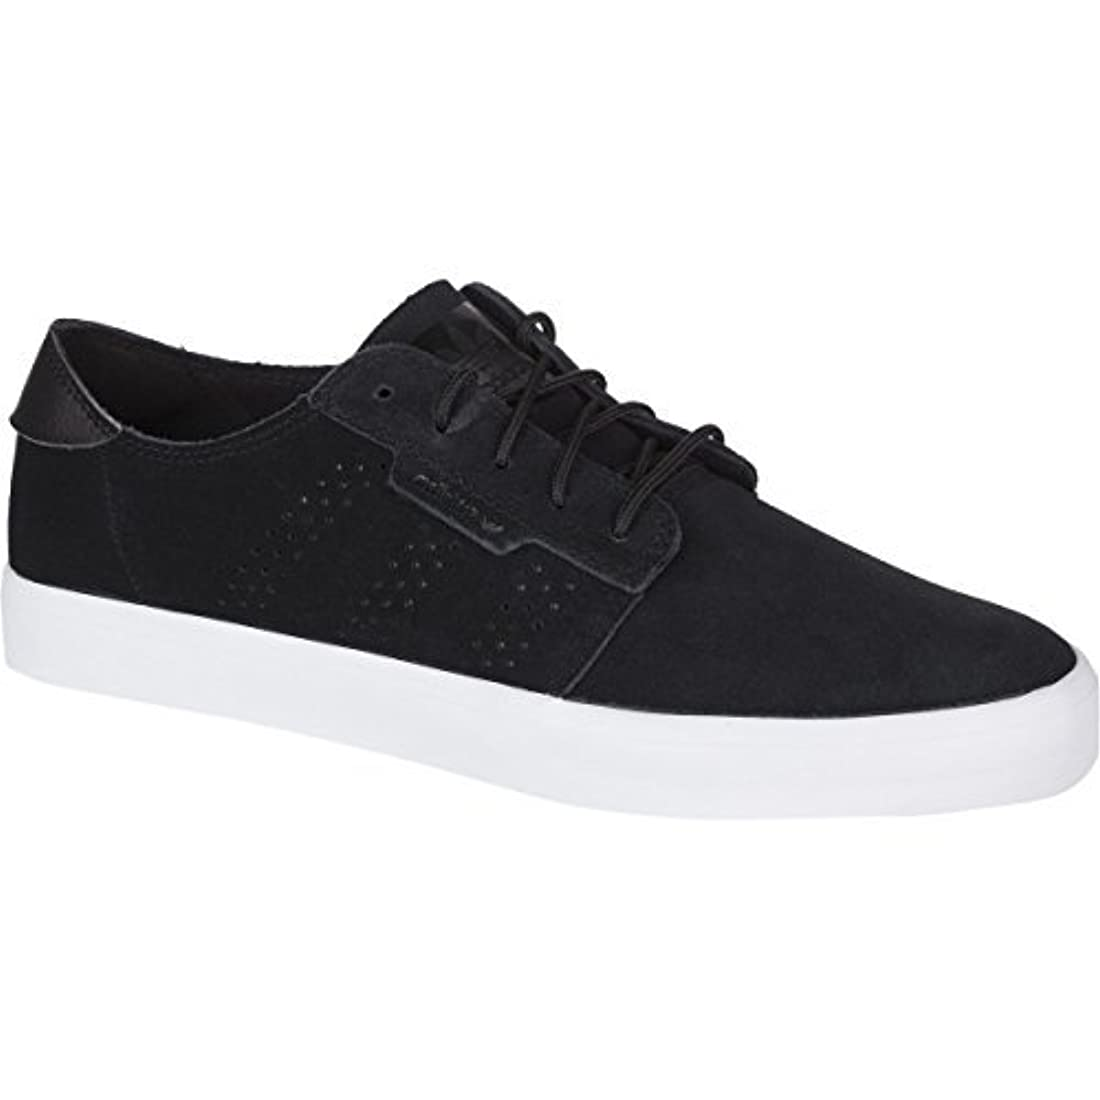 Adidas Originals Seeley esencial hombres zapato de Skate Elige